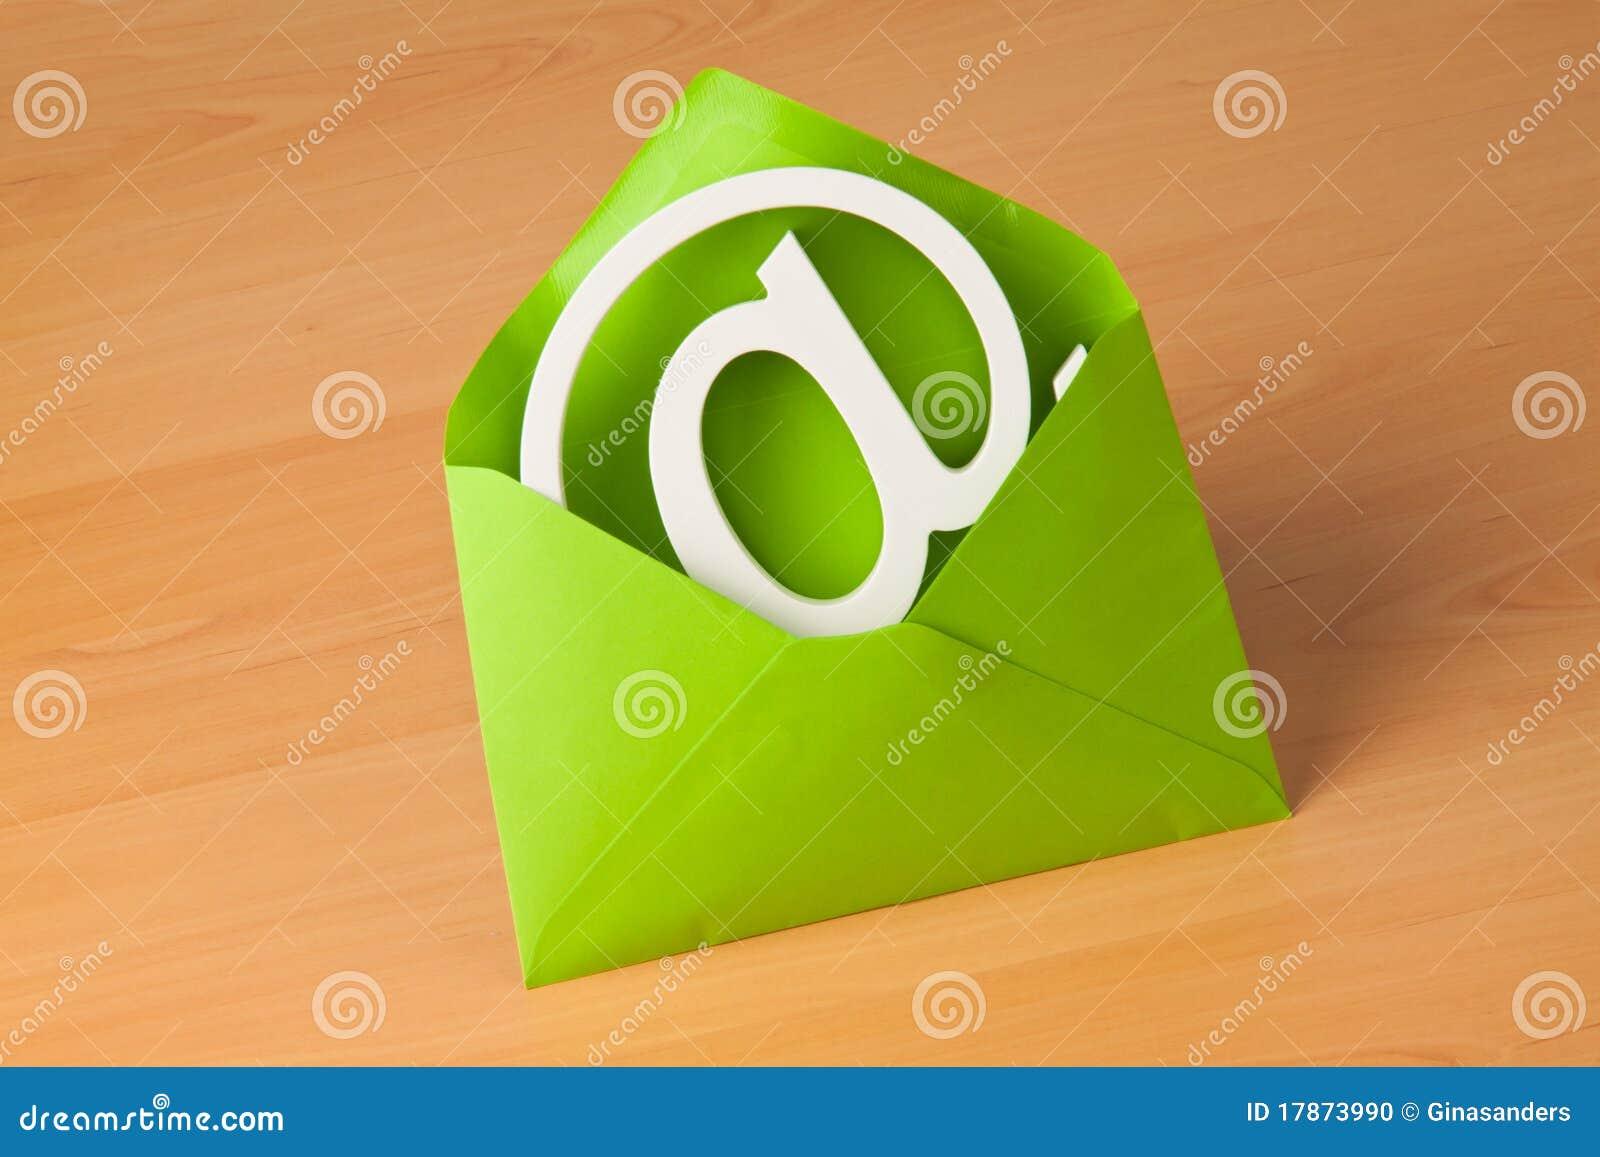 Logotipo do email em um envelope